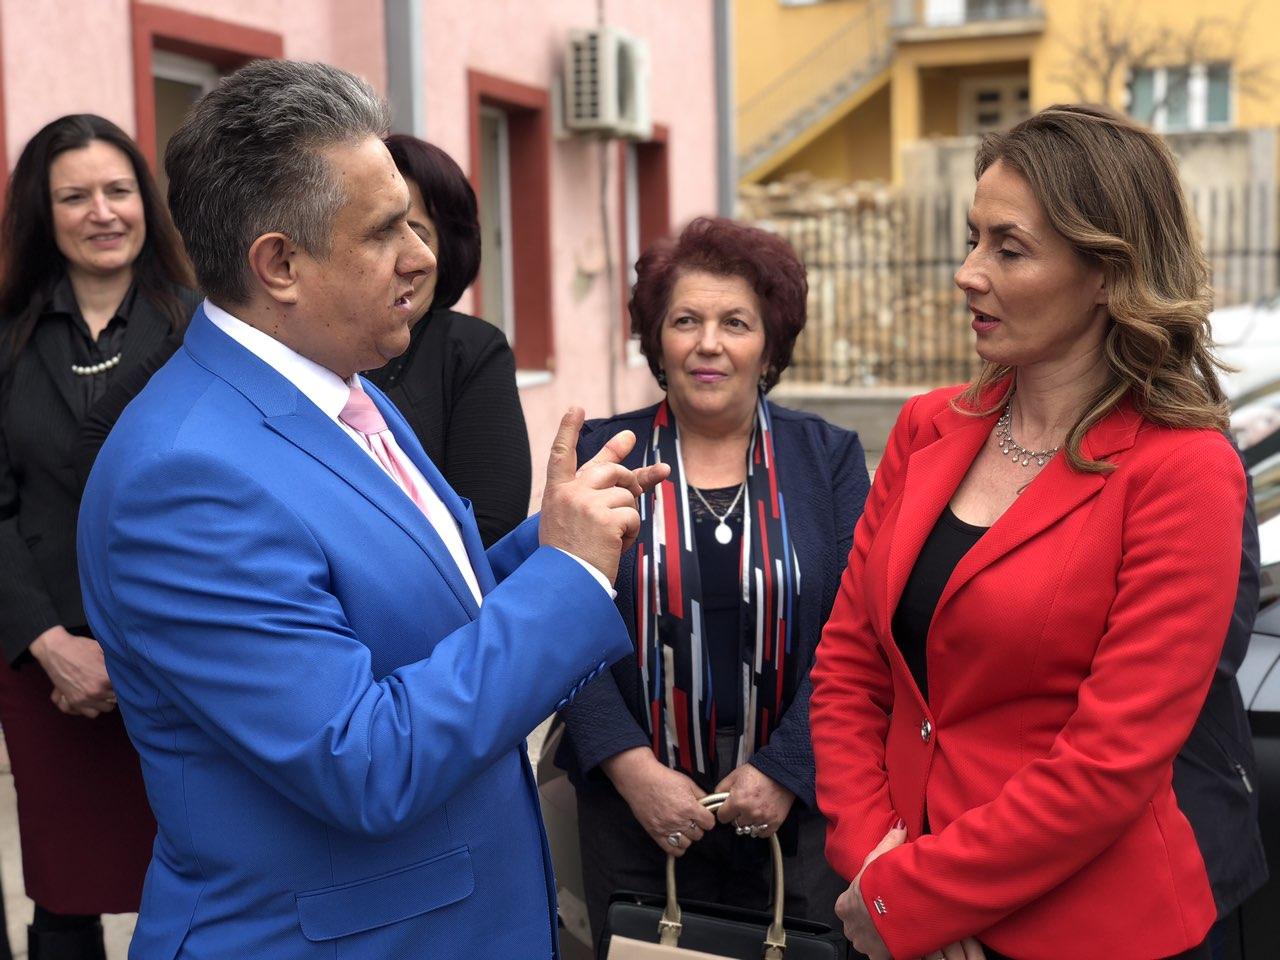 Miletić i Janković u razgoMiletić i Janković u razgovoru, foto: M.M. voru, foto: M.M.